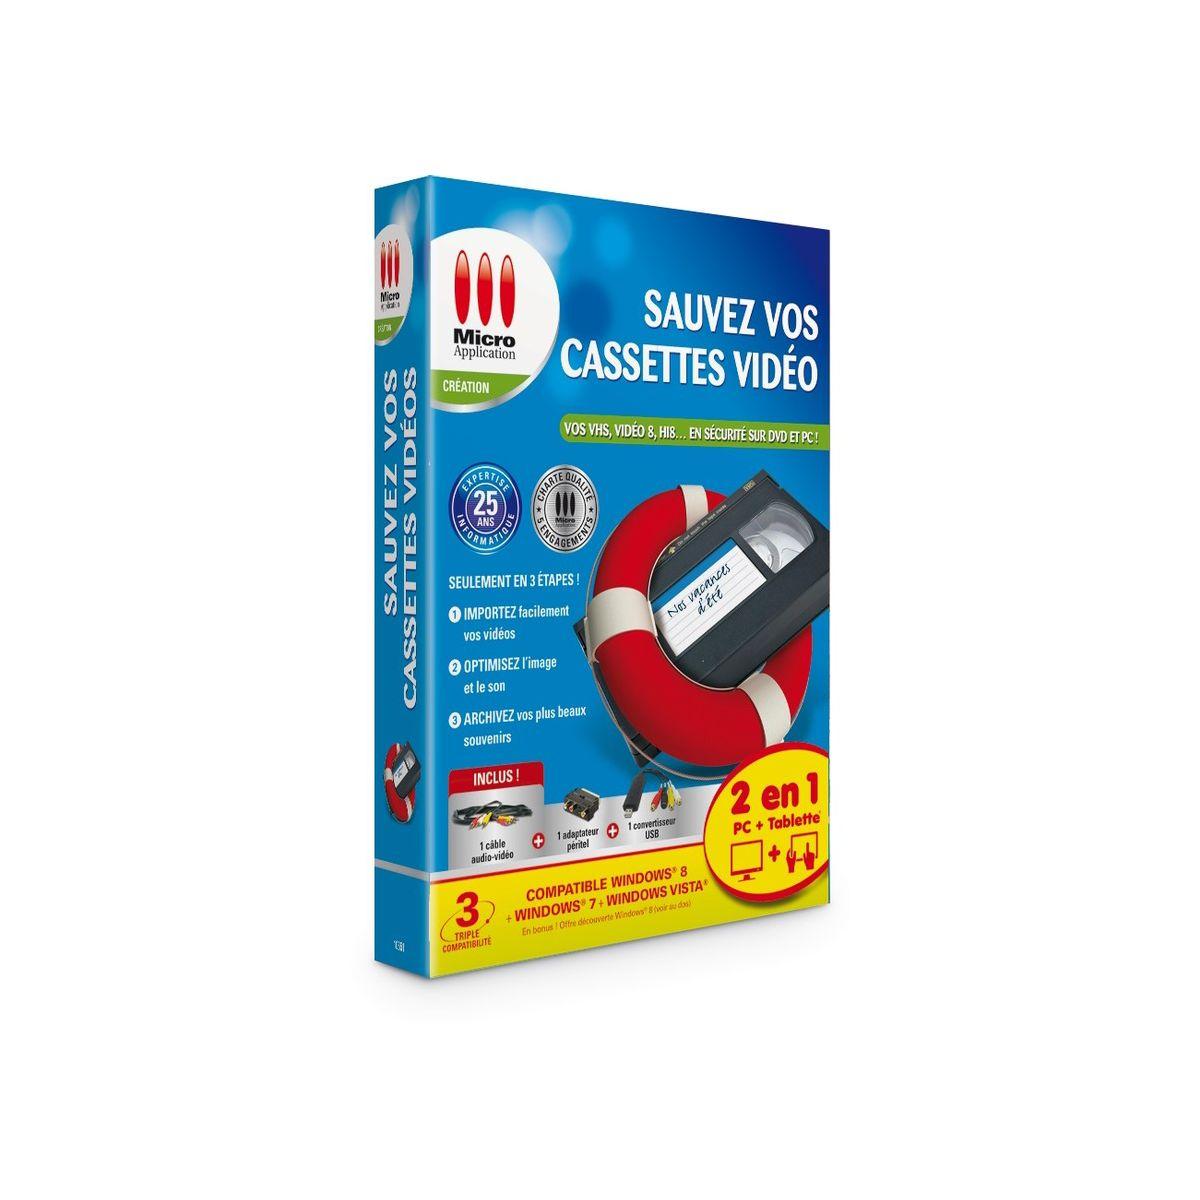 Logiciel pc micro application sauvez vos cassettes vidéo – 5 € de remise : code cash5